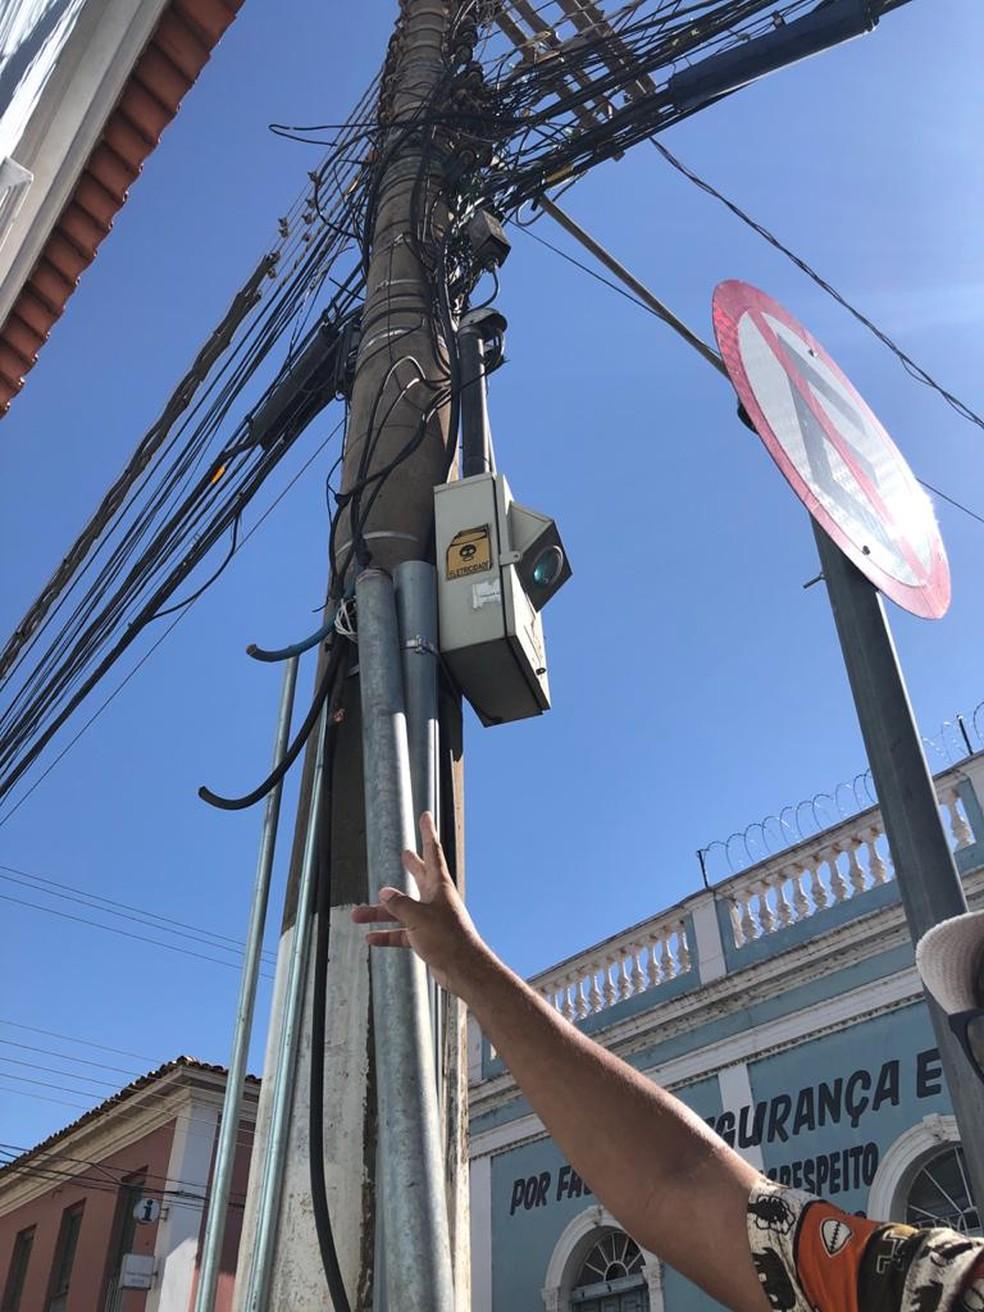 Fios de energia foram furtados — Foto: Eunice Ramos/TVCA